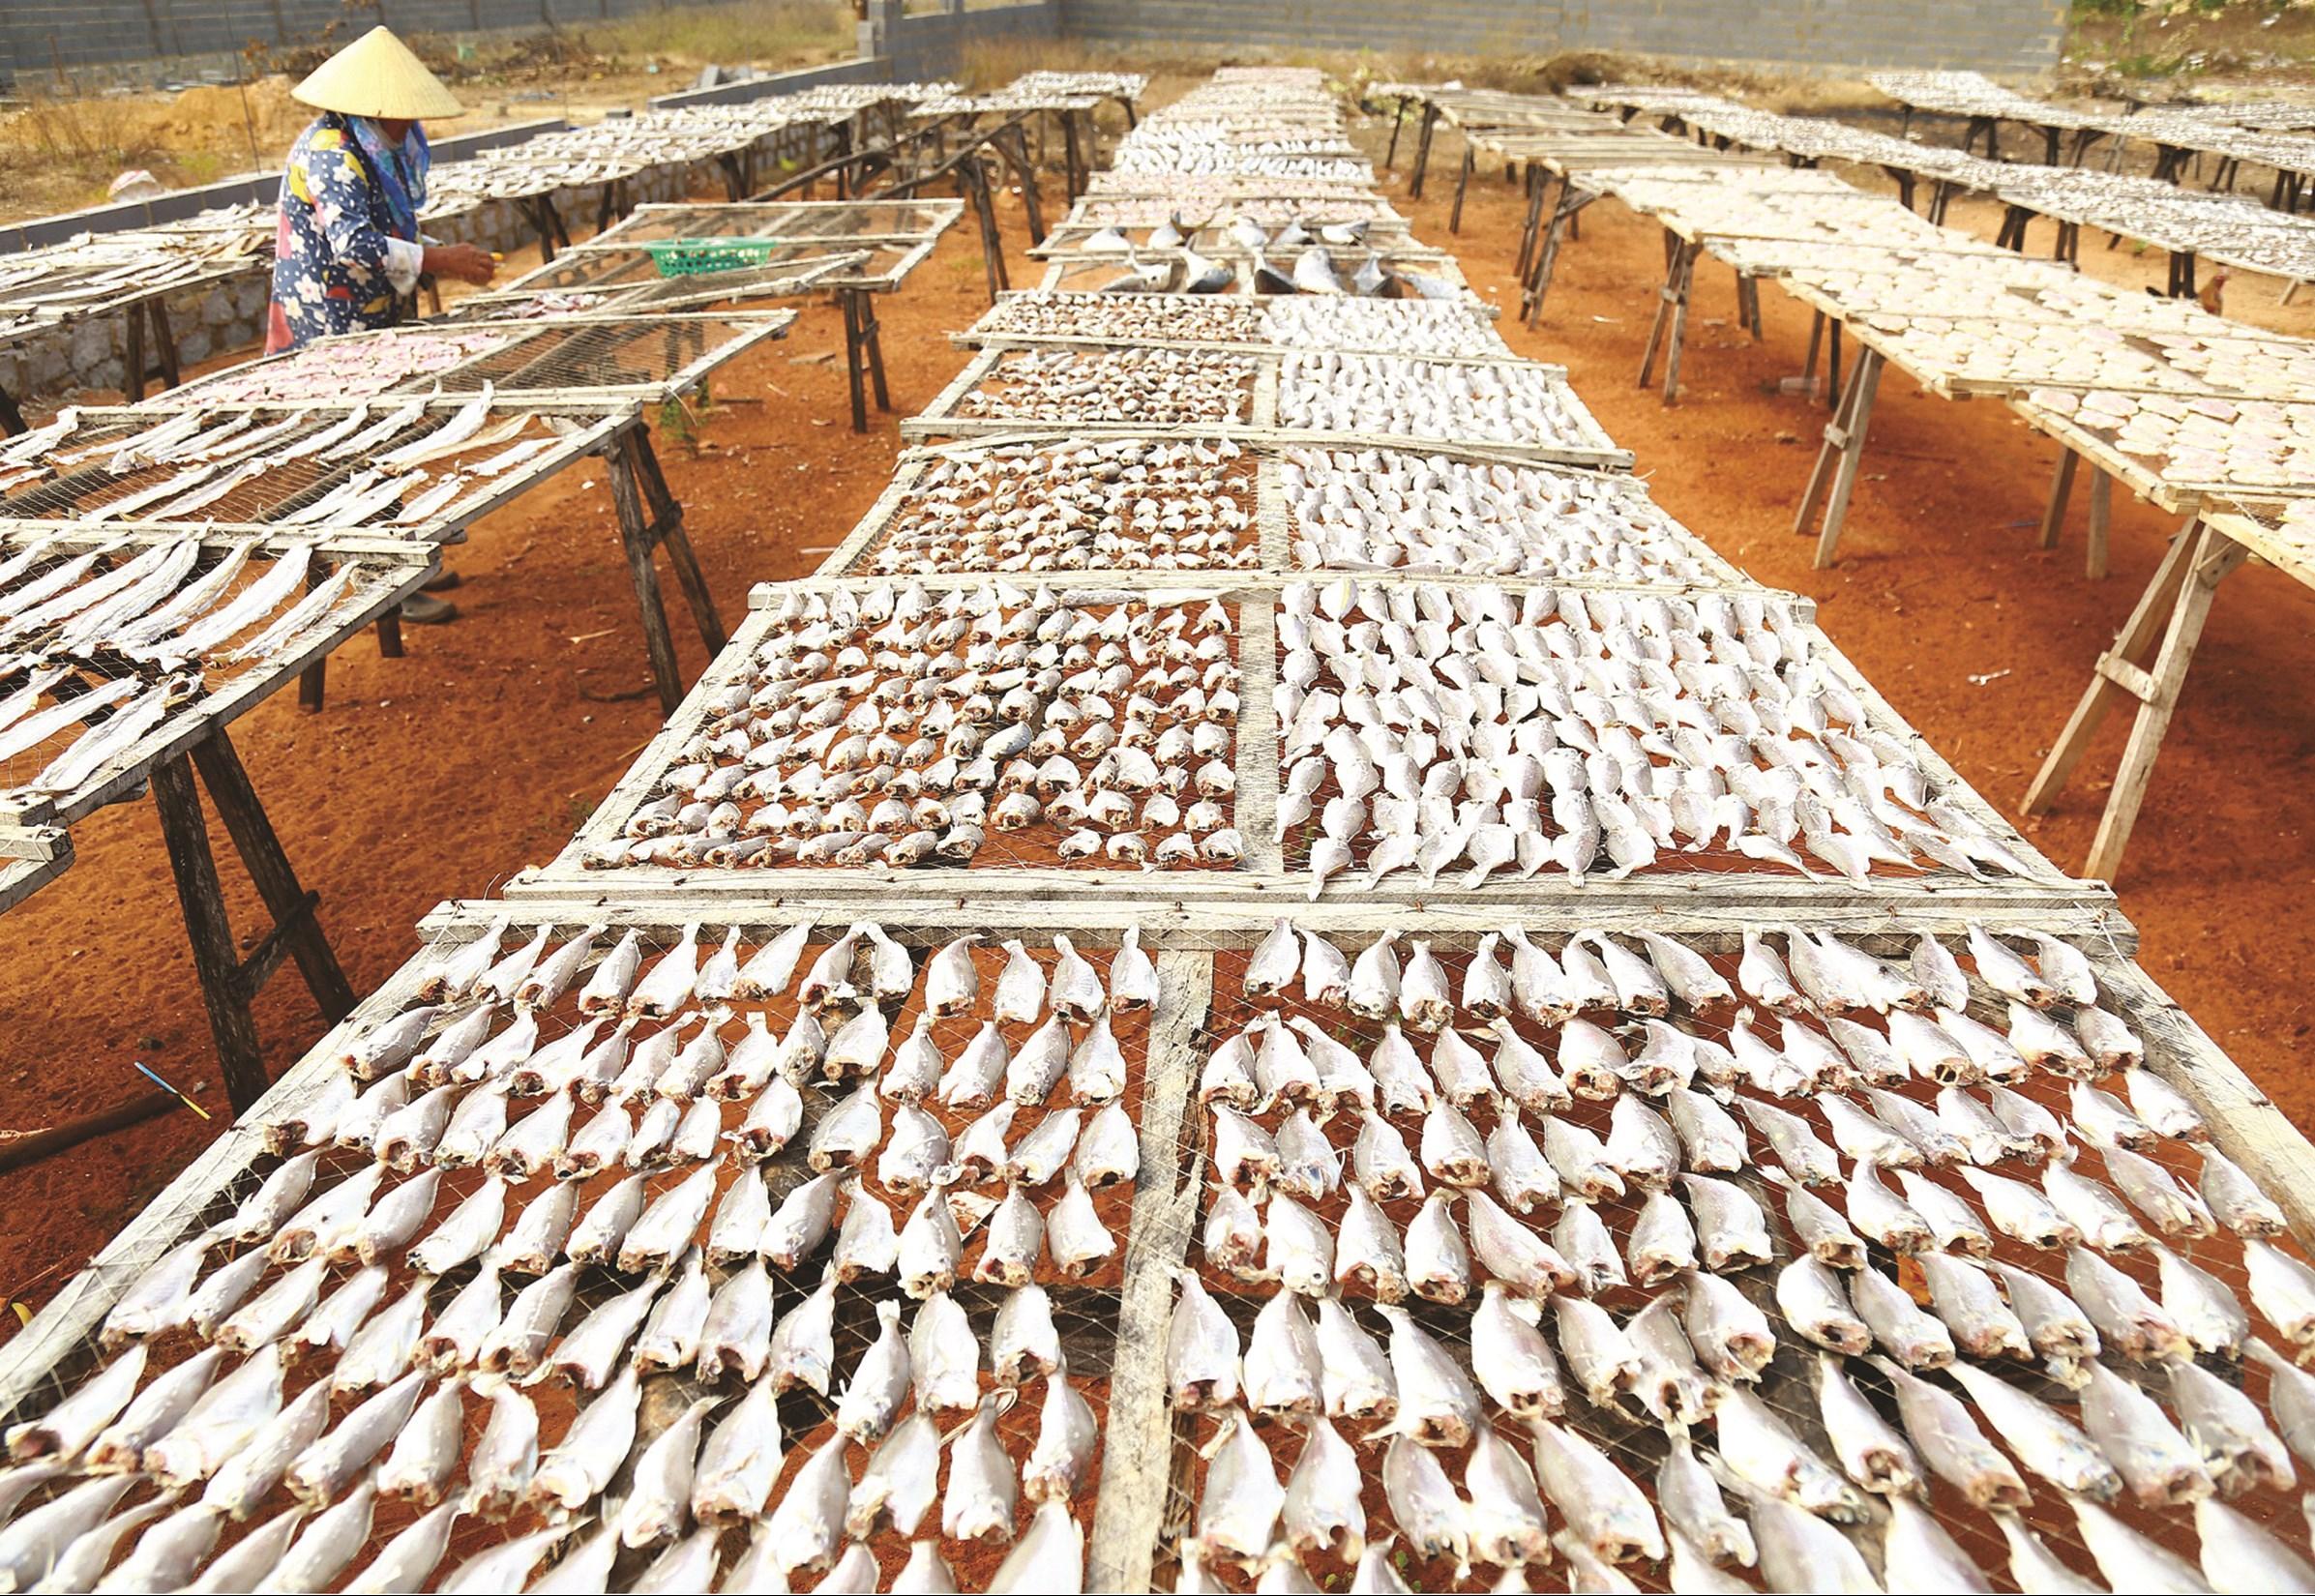 Để cá khô ngon, thơm, vệ sinh an toàn, người dân làng chài Phước Tỉnh đeo găng tay, khẩu trang mỗi khi trở cá giữa trưa nắng.